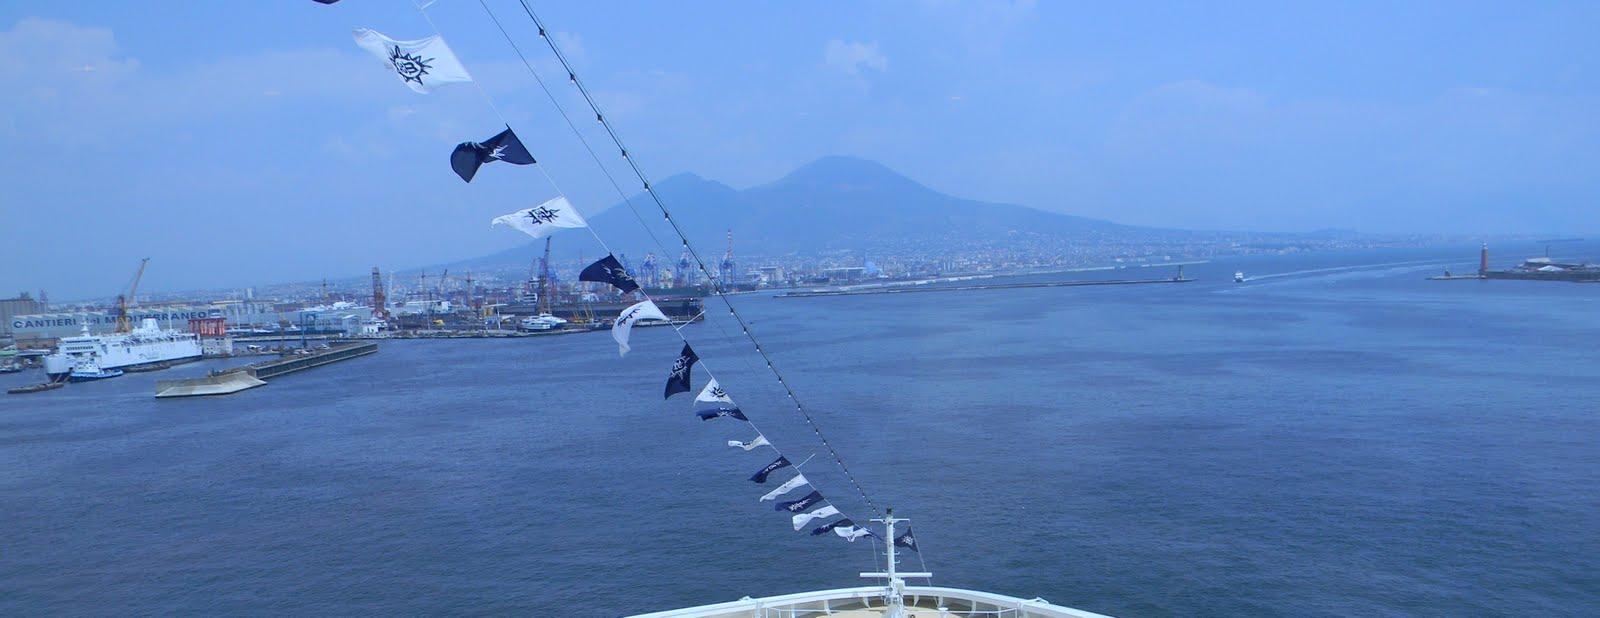 Economia del mare crociera nel mediterraneo con msc for Indipendenza del piano di cabina del mare